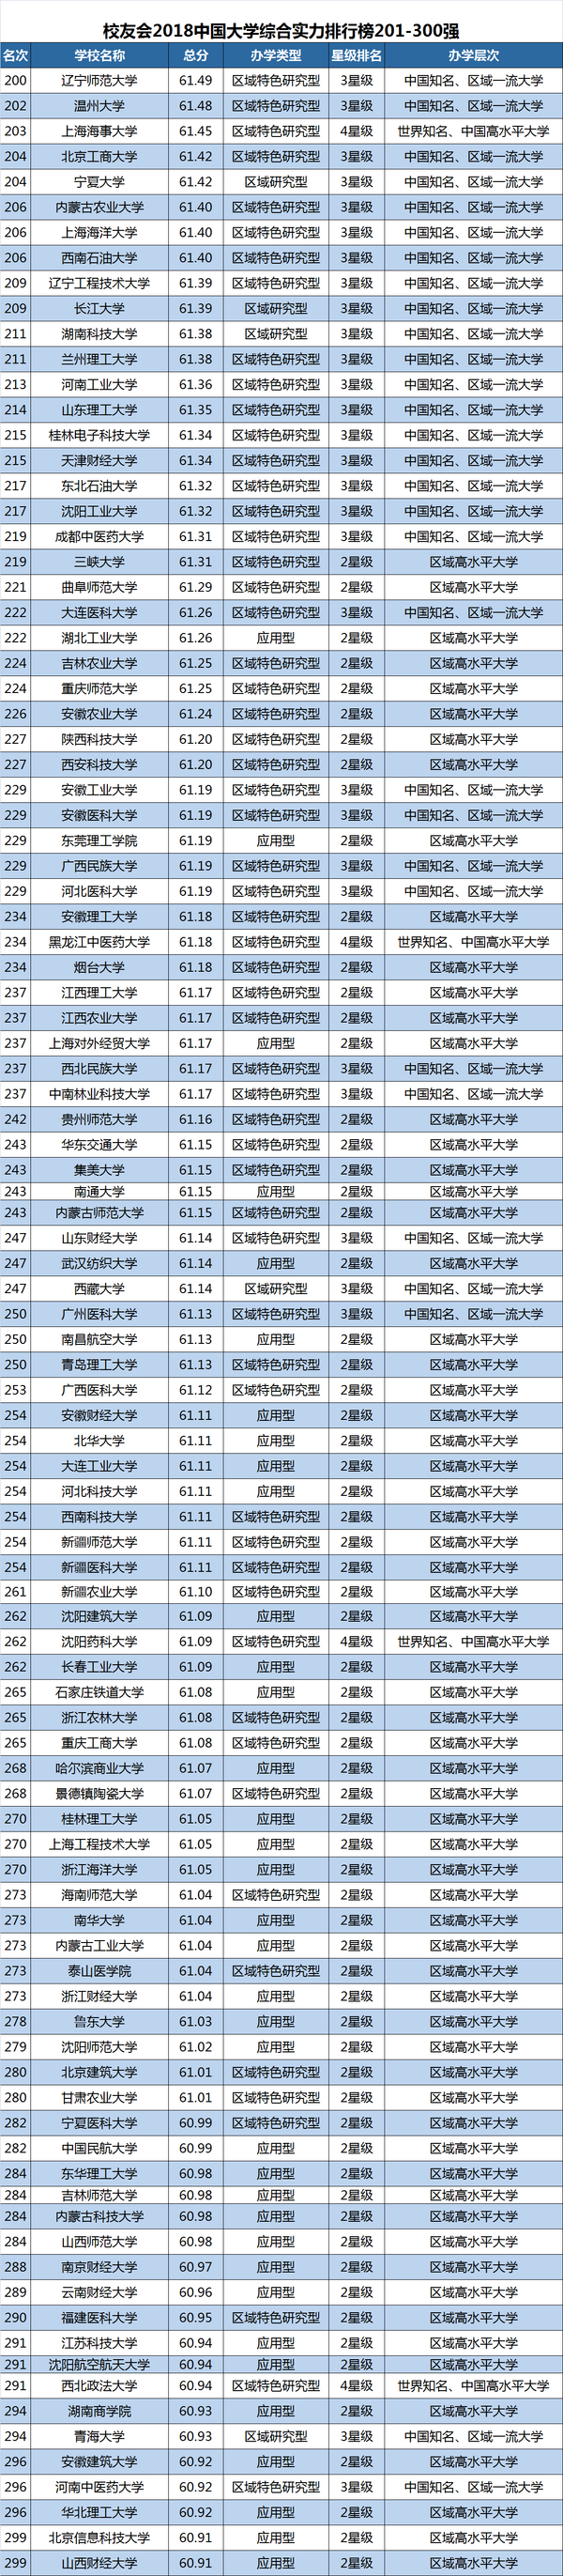 2018中国大学排行榜1200强出炉,北京大学居首